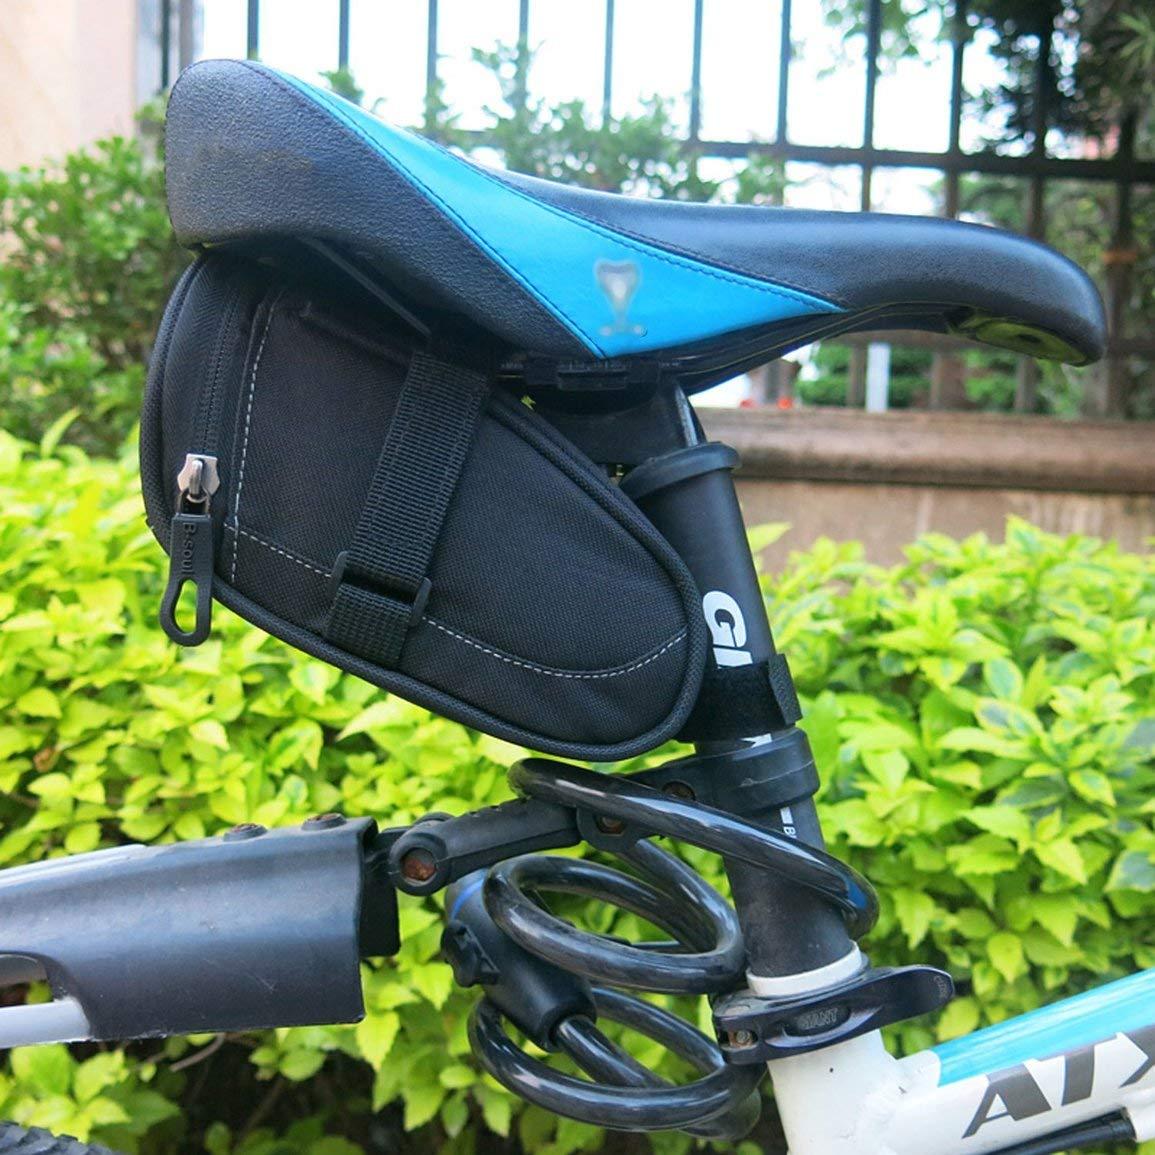 Fantasyworld Tail B-Alma Impermeable Asiento de la Bicicleta Bolsa de sill/ín de la Bicicleta de Ciclo de la Bolsa alforjas Posterior Ciclismo peque/ña Bolsa de Ciclismo Accesorios